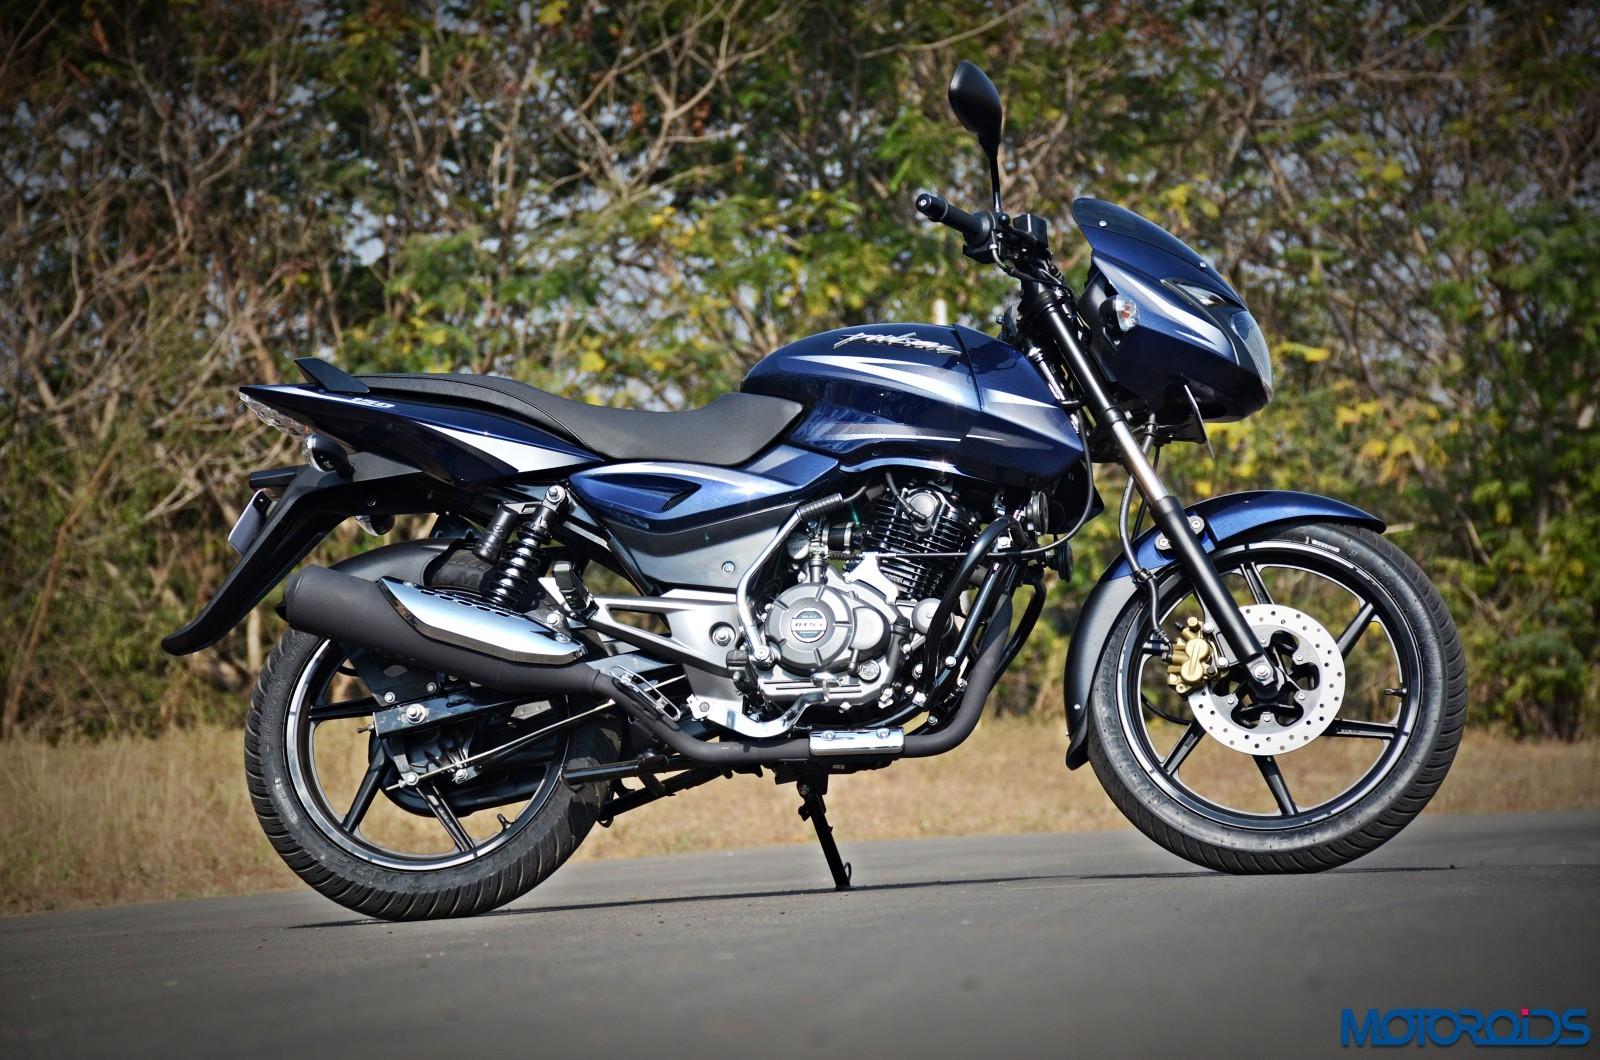 Bajaj Pulsar 150 Price In India, Variants, Specifications - Motoroids